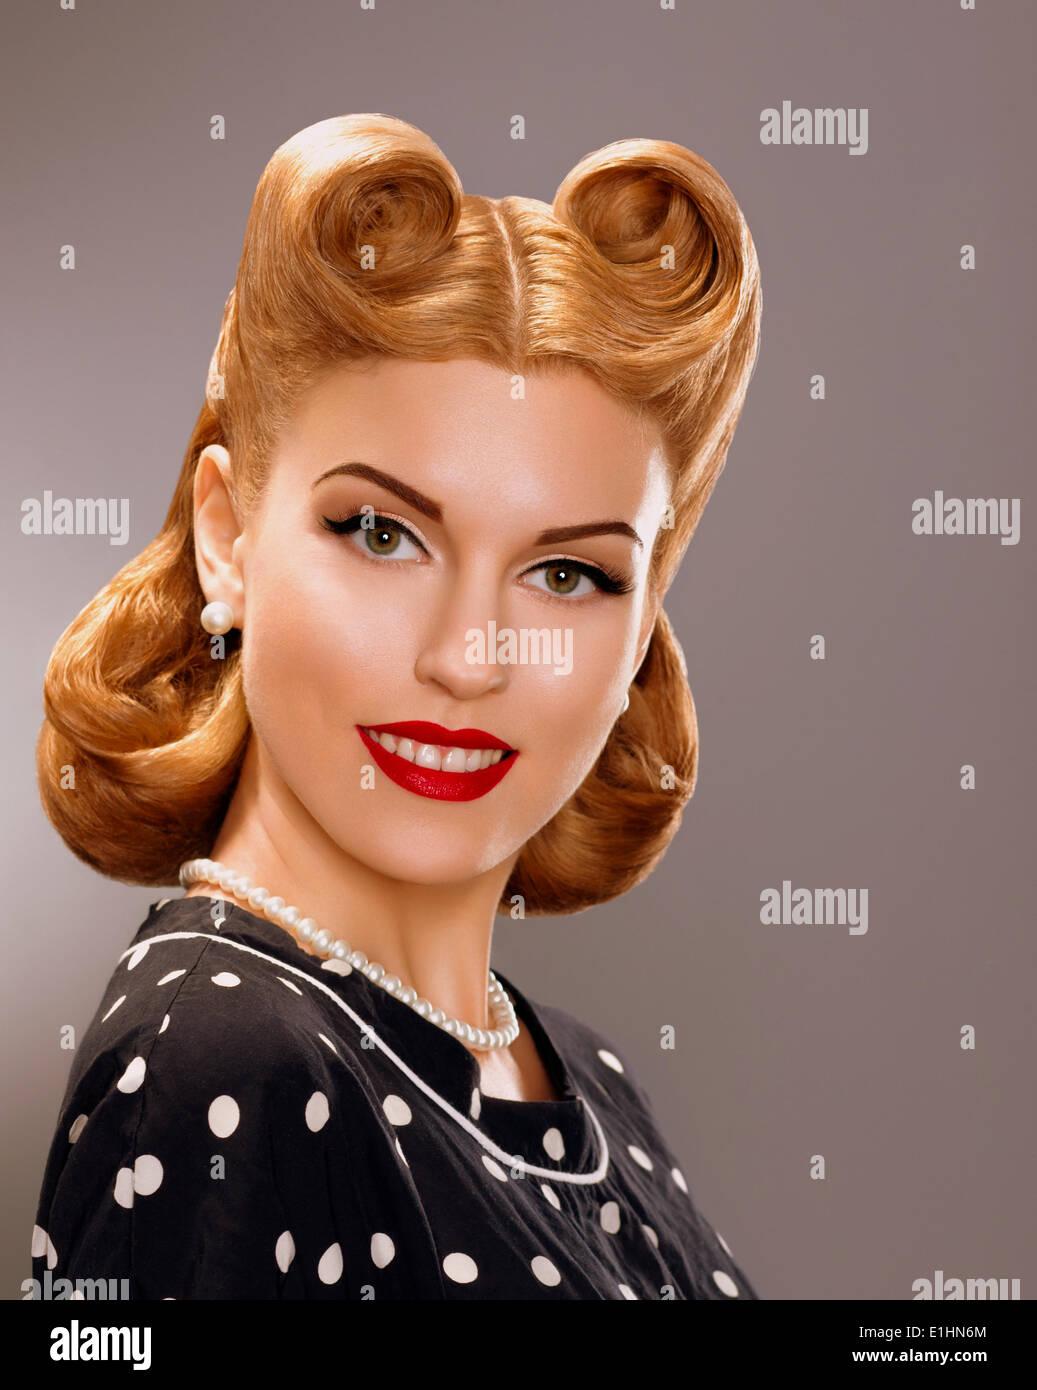 La nostalgie. Femme souriante avec style retro style de cheveux d'or. Noblesse Photo Stock